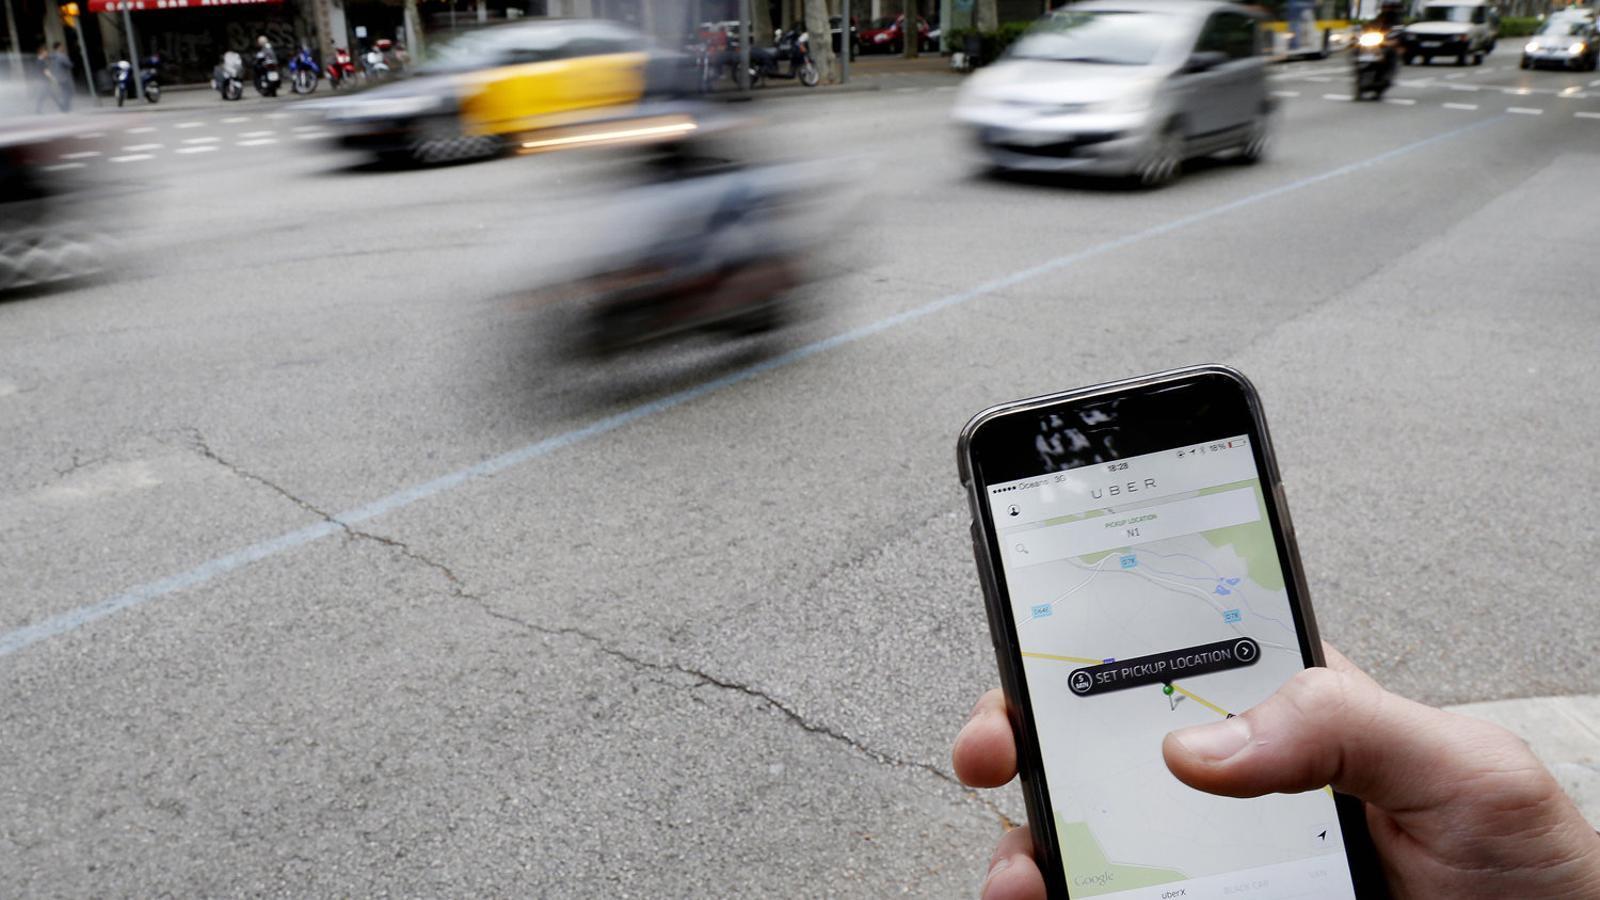 Uber i Cabify hauran de registrar tots els seus trajectes a partir de l'1 de març.